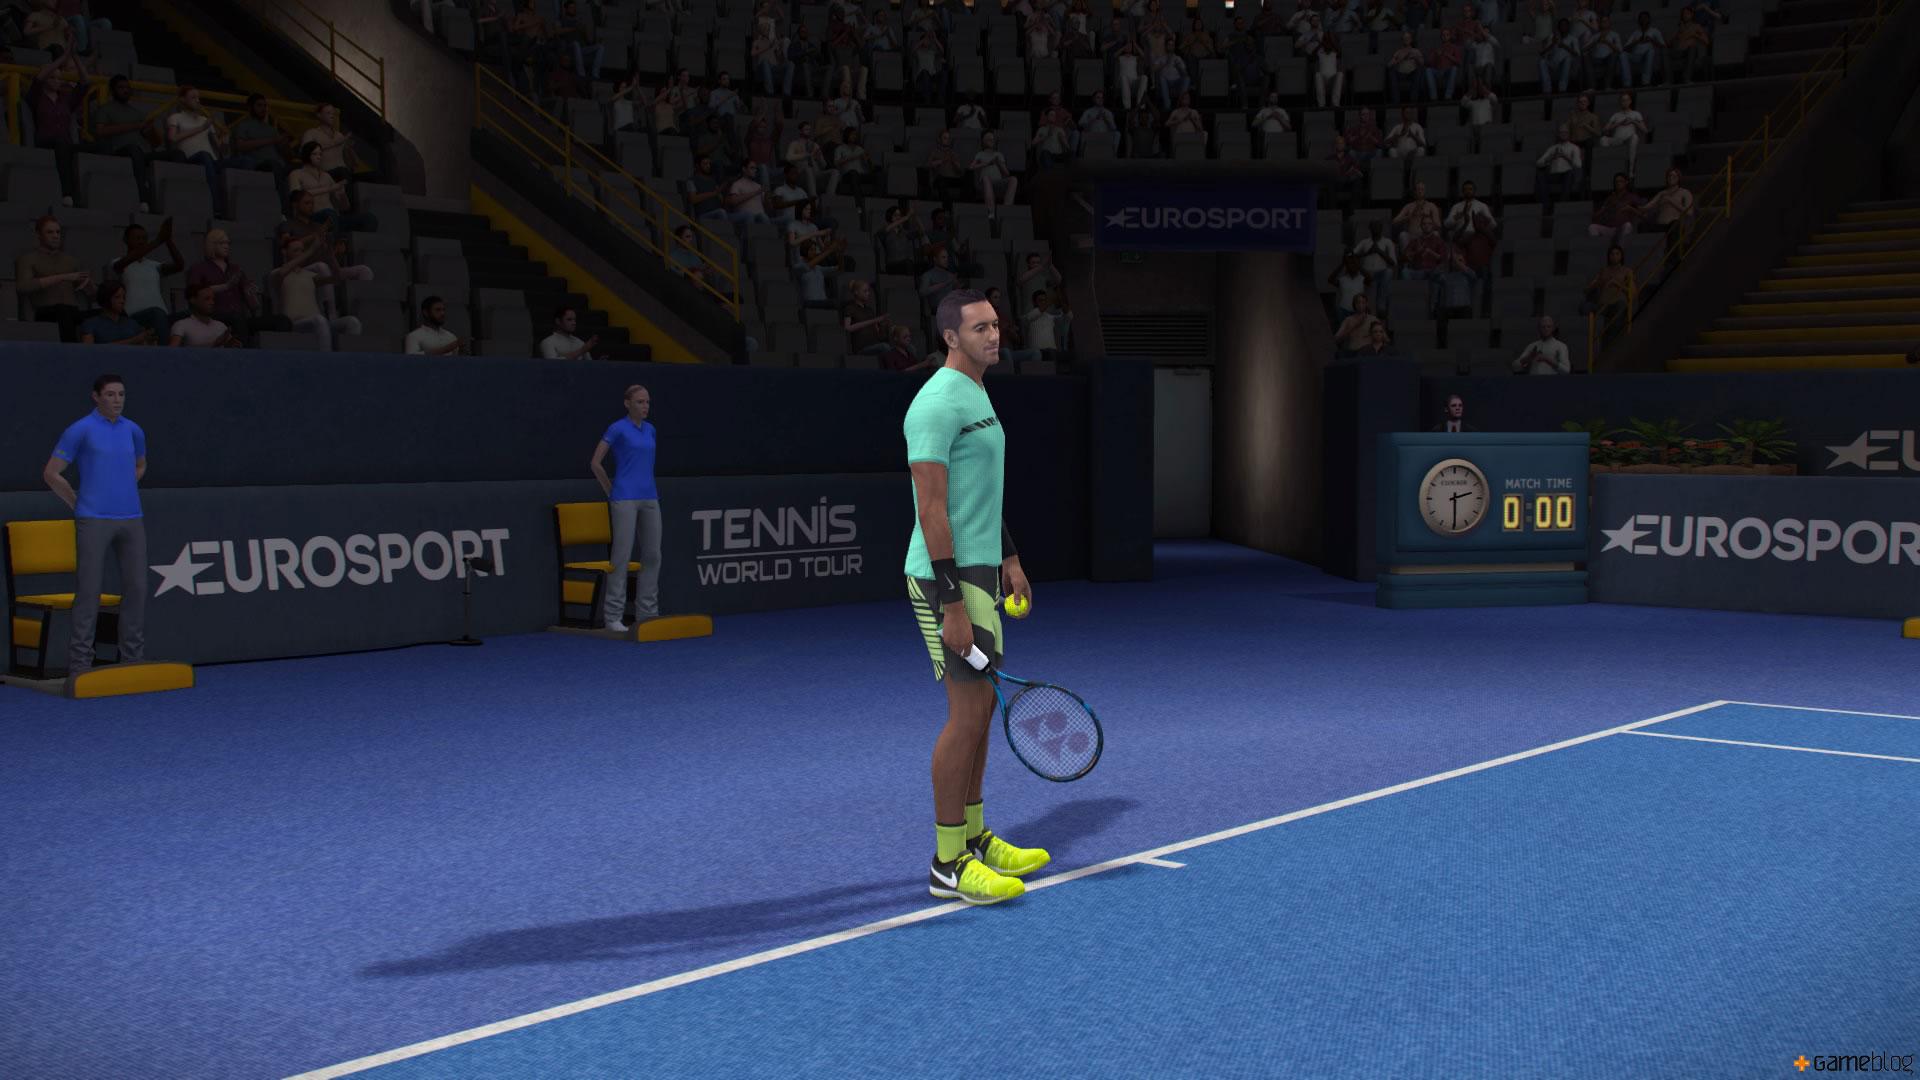 TennisWorldTour PS4 Test 009